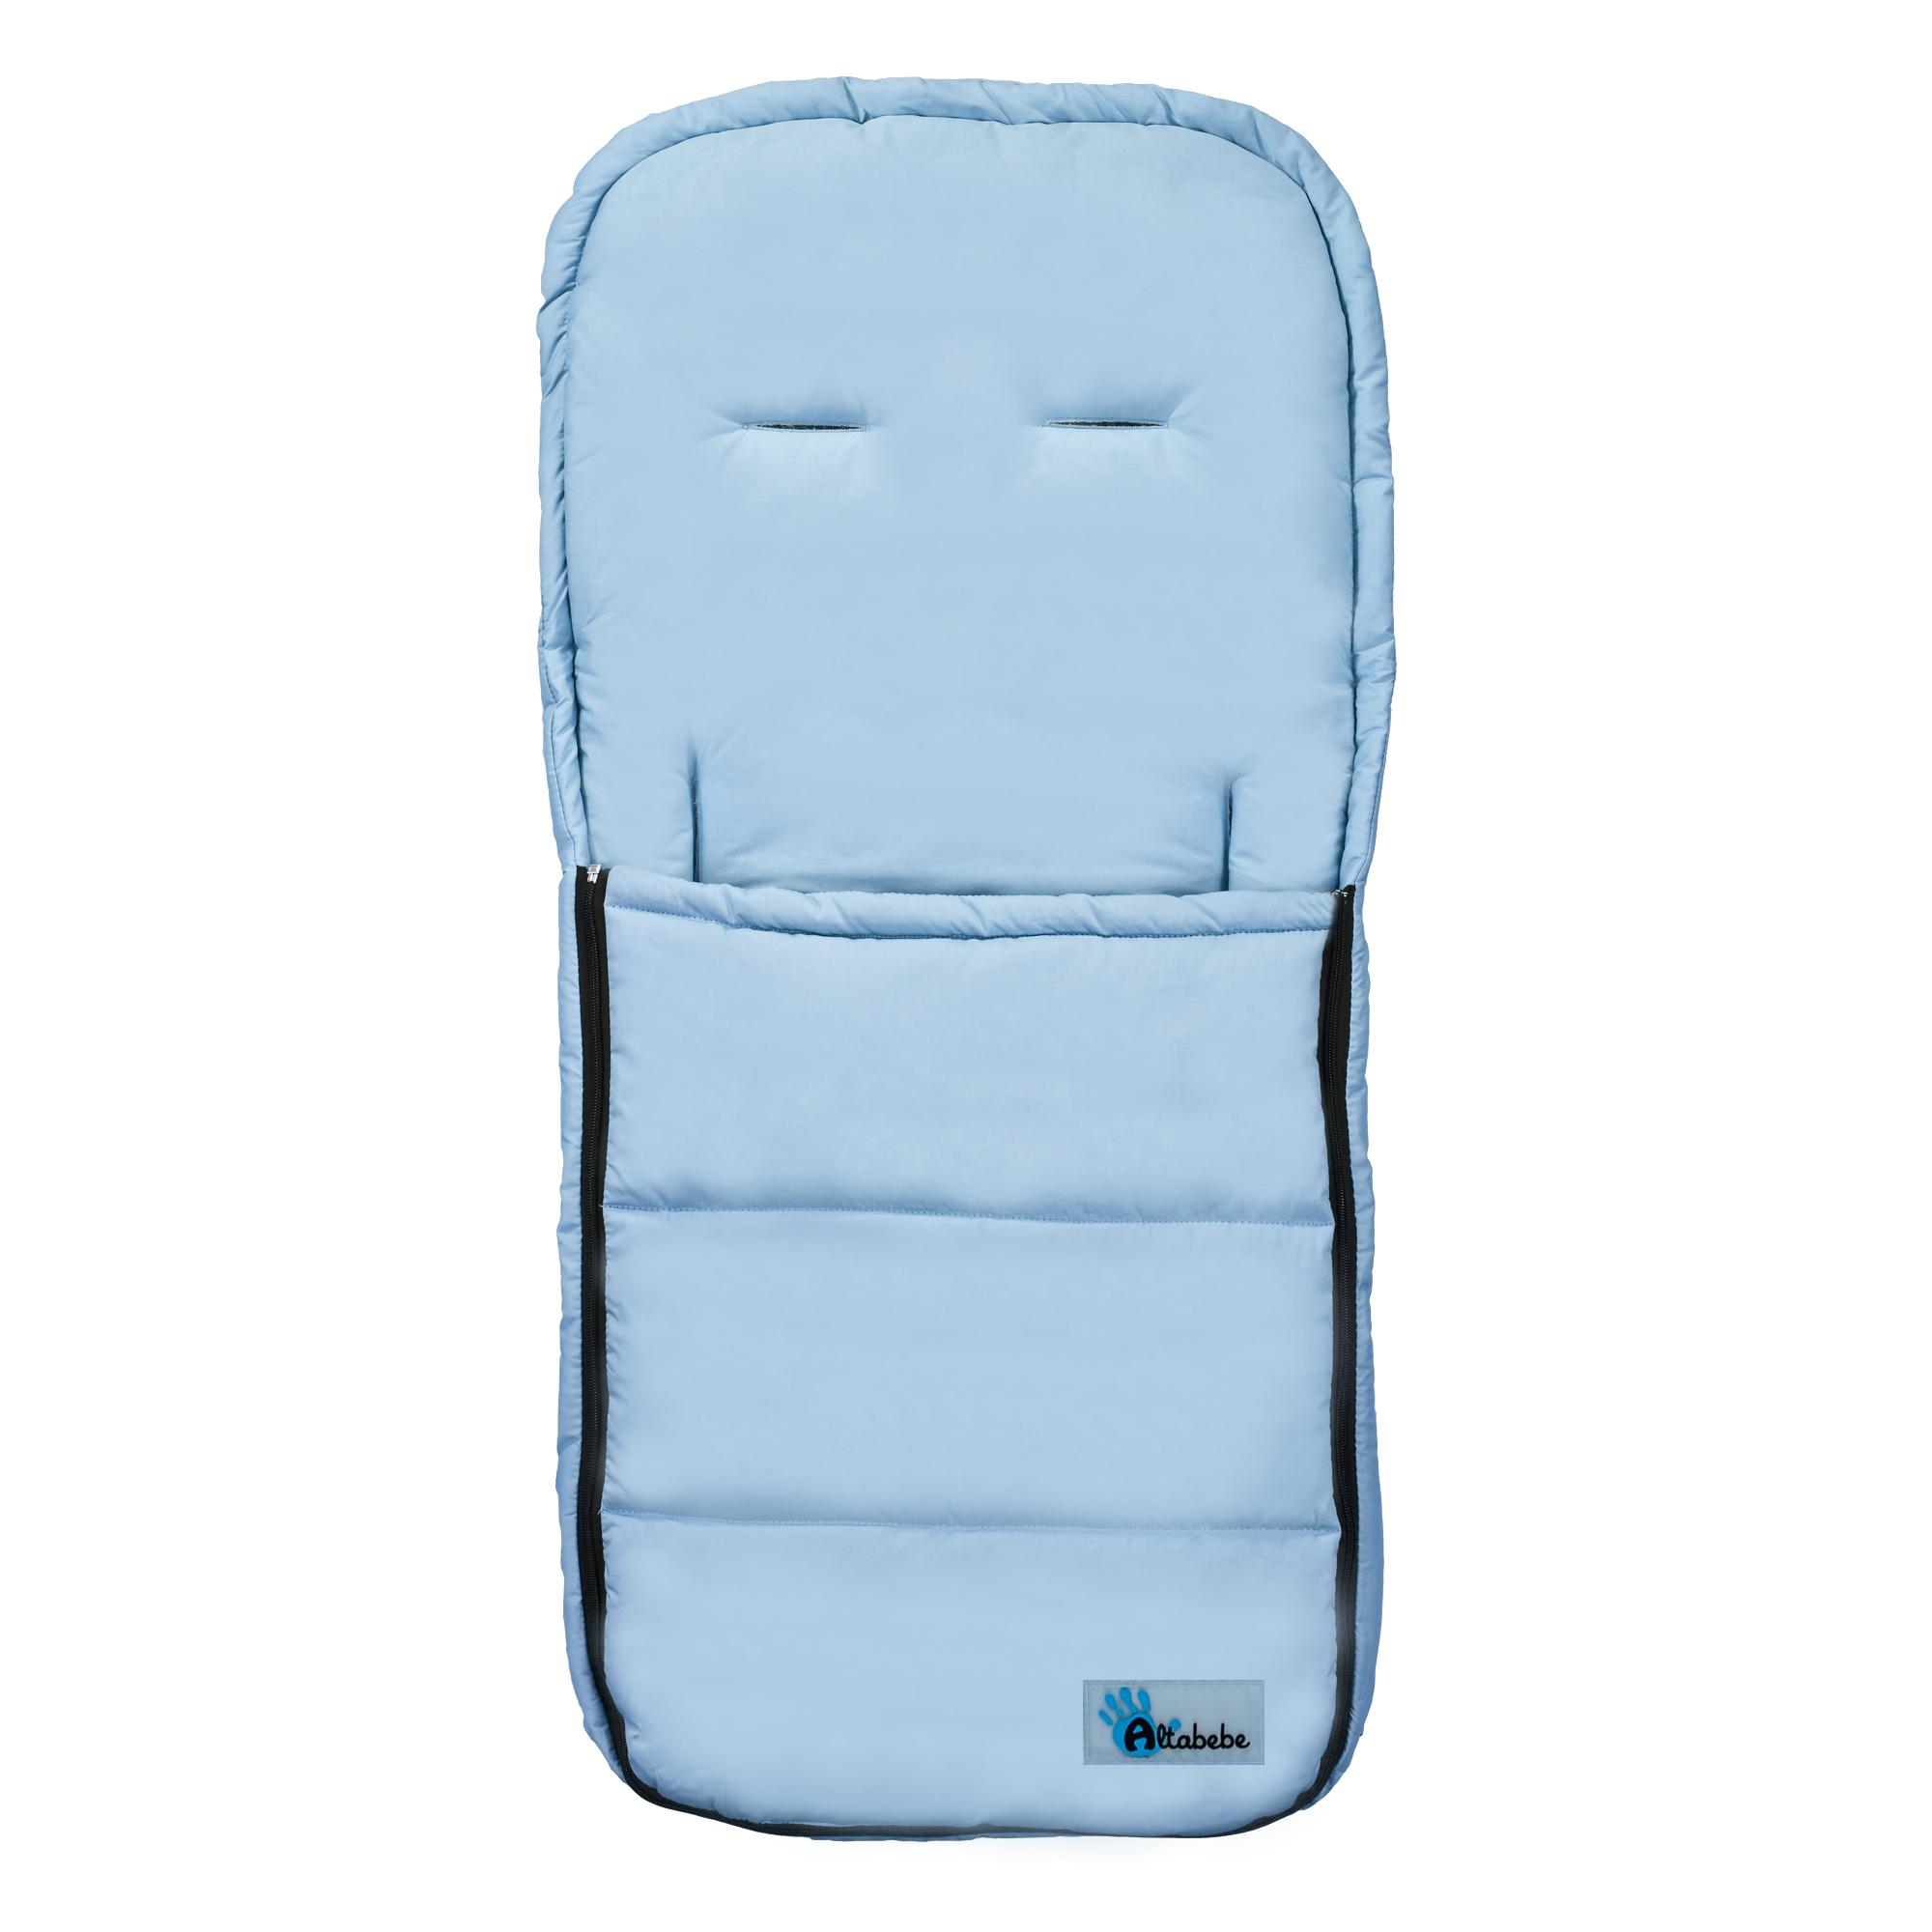 Демисезонный конверт AL2200 Altabebe, размер 90 x 45 см., голубойДемисезонные конверты для новорожденных<br>Демисезонный конверт AL2200 Altabebe, размер 90 x 45 см., голубой<br>